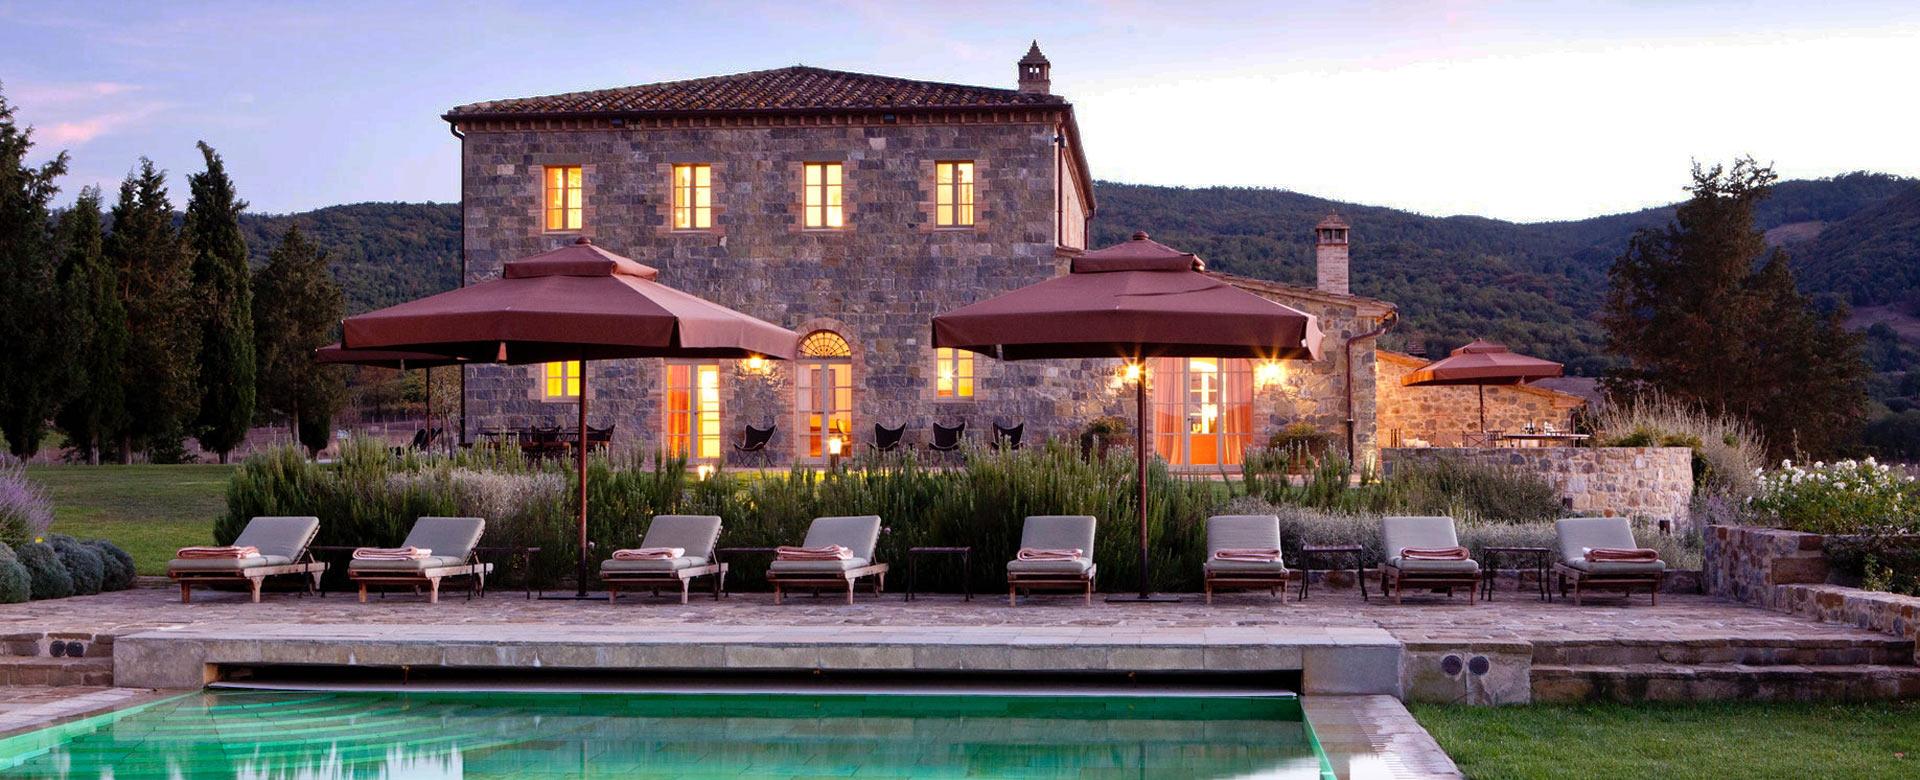 alquiler villas de lujo en toscana